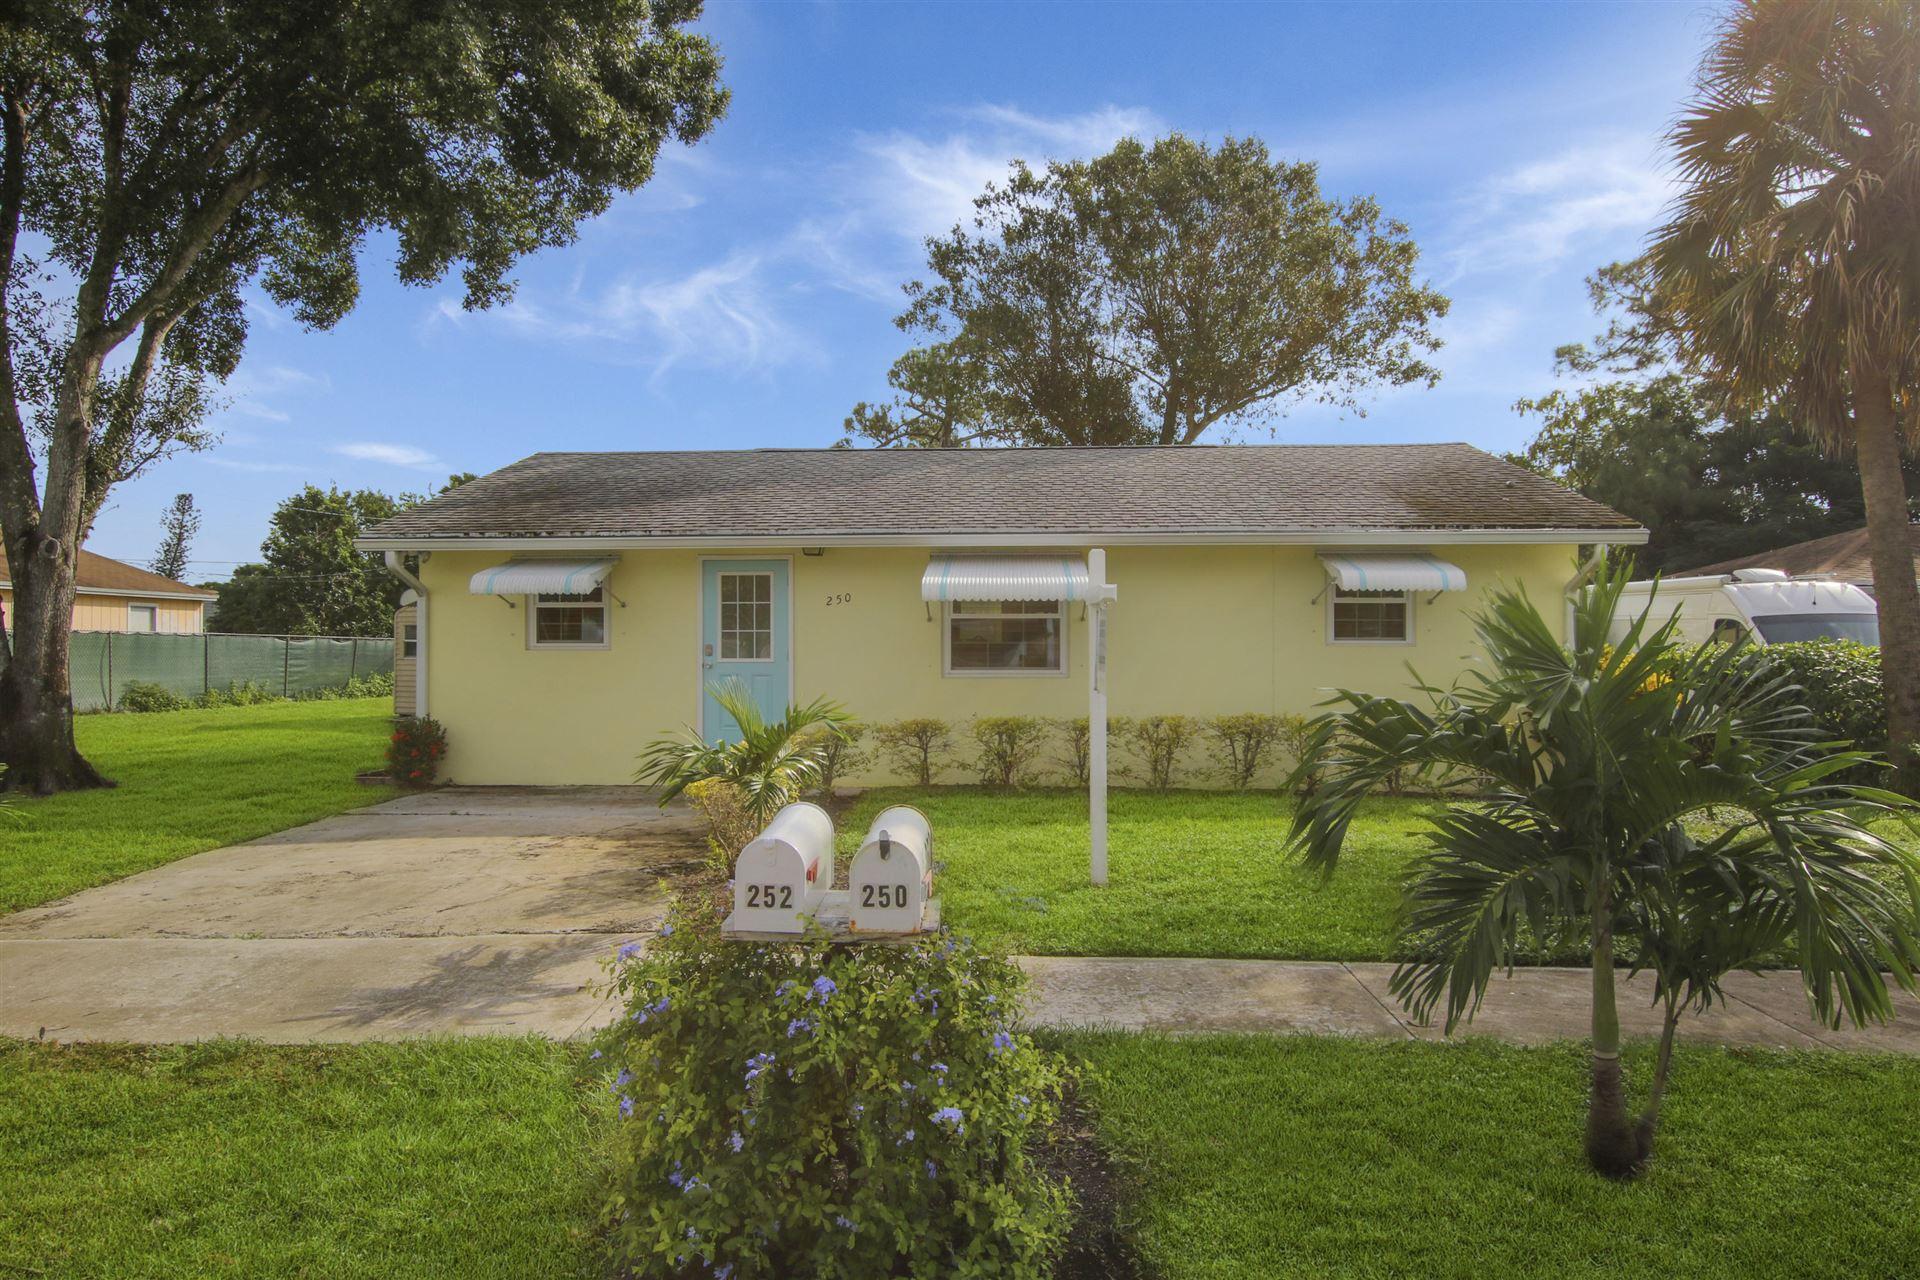 250 Perry Avenue, Greenacres, FL 33463 - #: RX-10671382